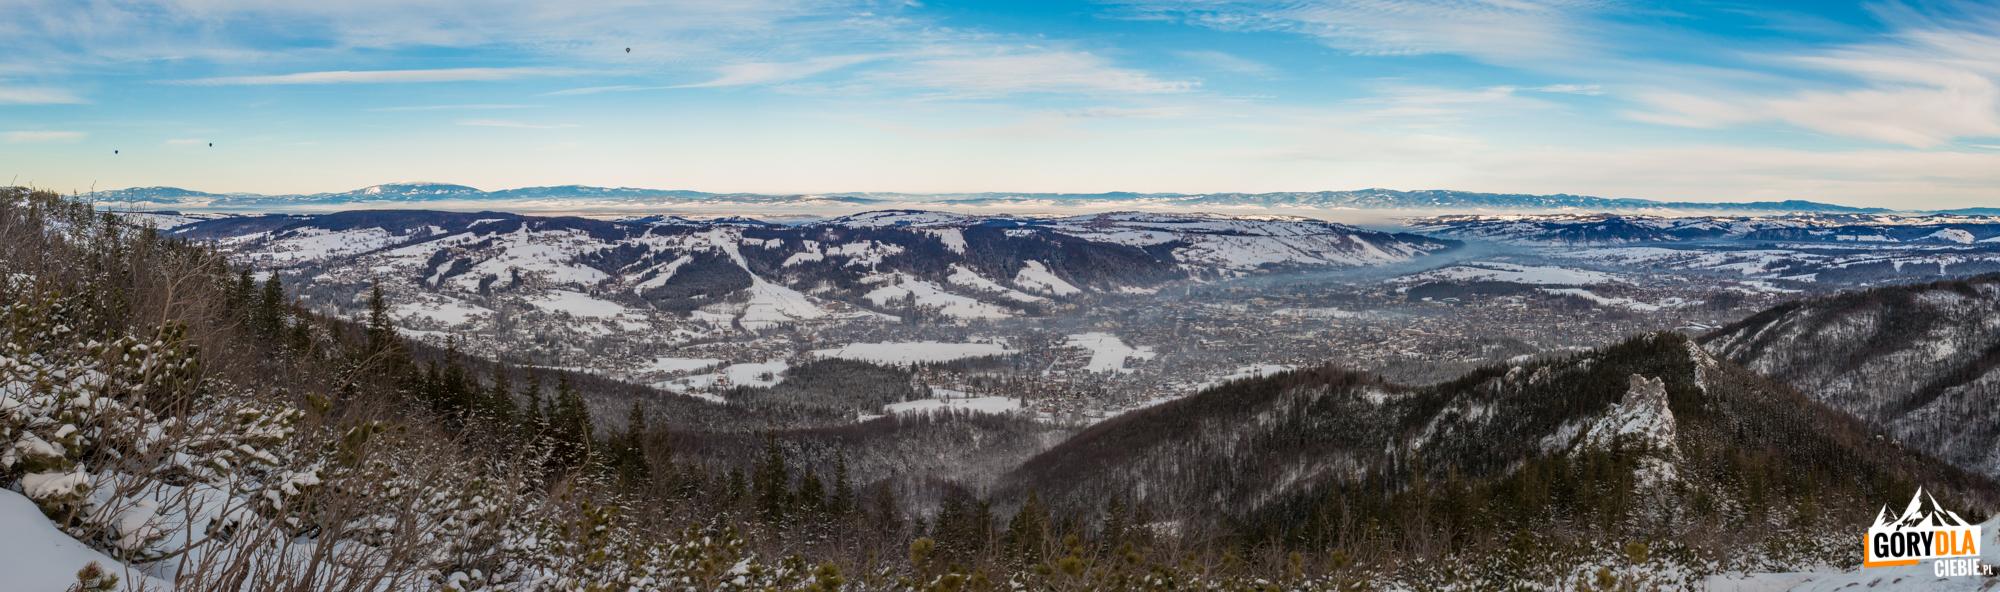 Widok z Sarniej Skały (1377 m) na całą dolinę Zakopanego, Gubałówkę, a na horyzoncie Pilsko, Babią Górę, Police, całe pasmo Gorców i Pieniny